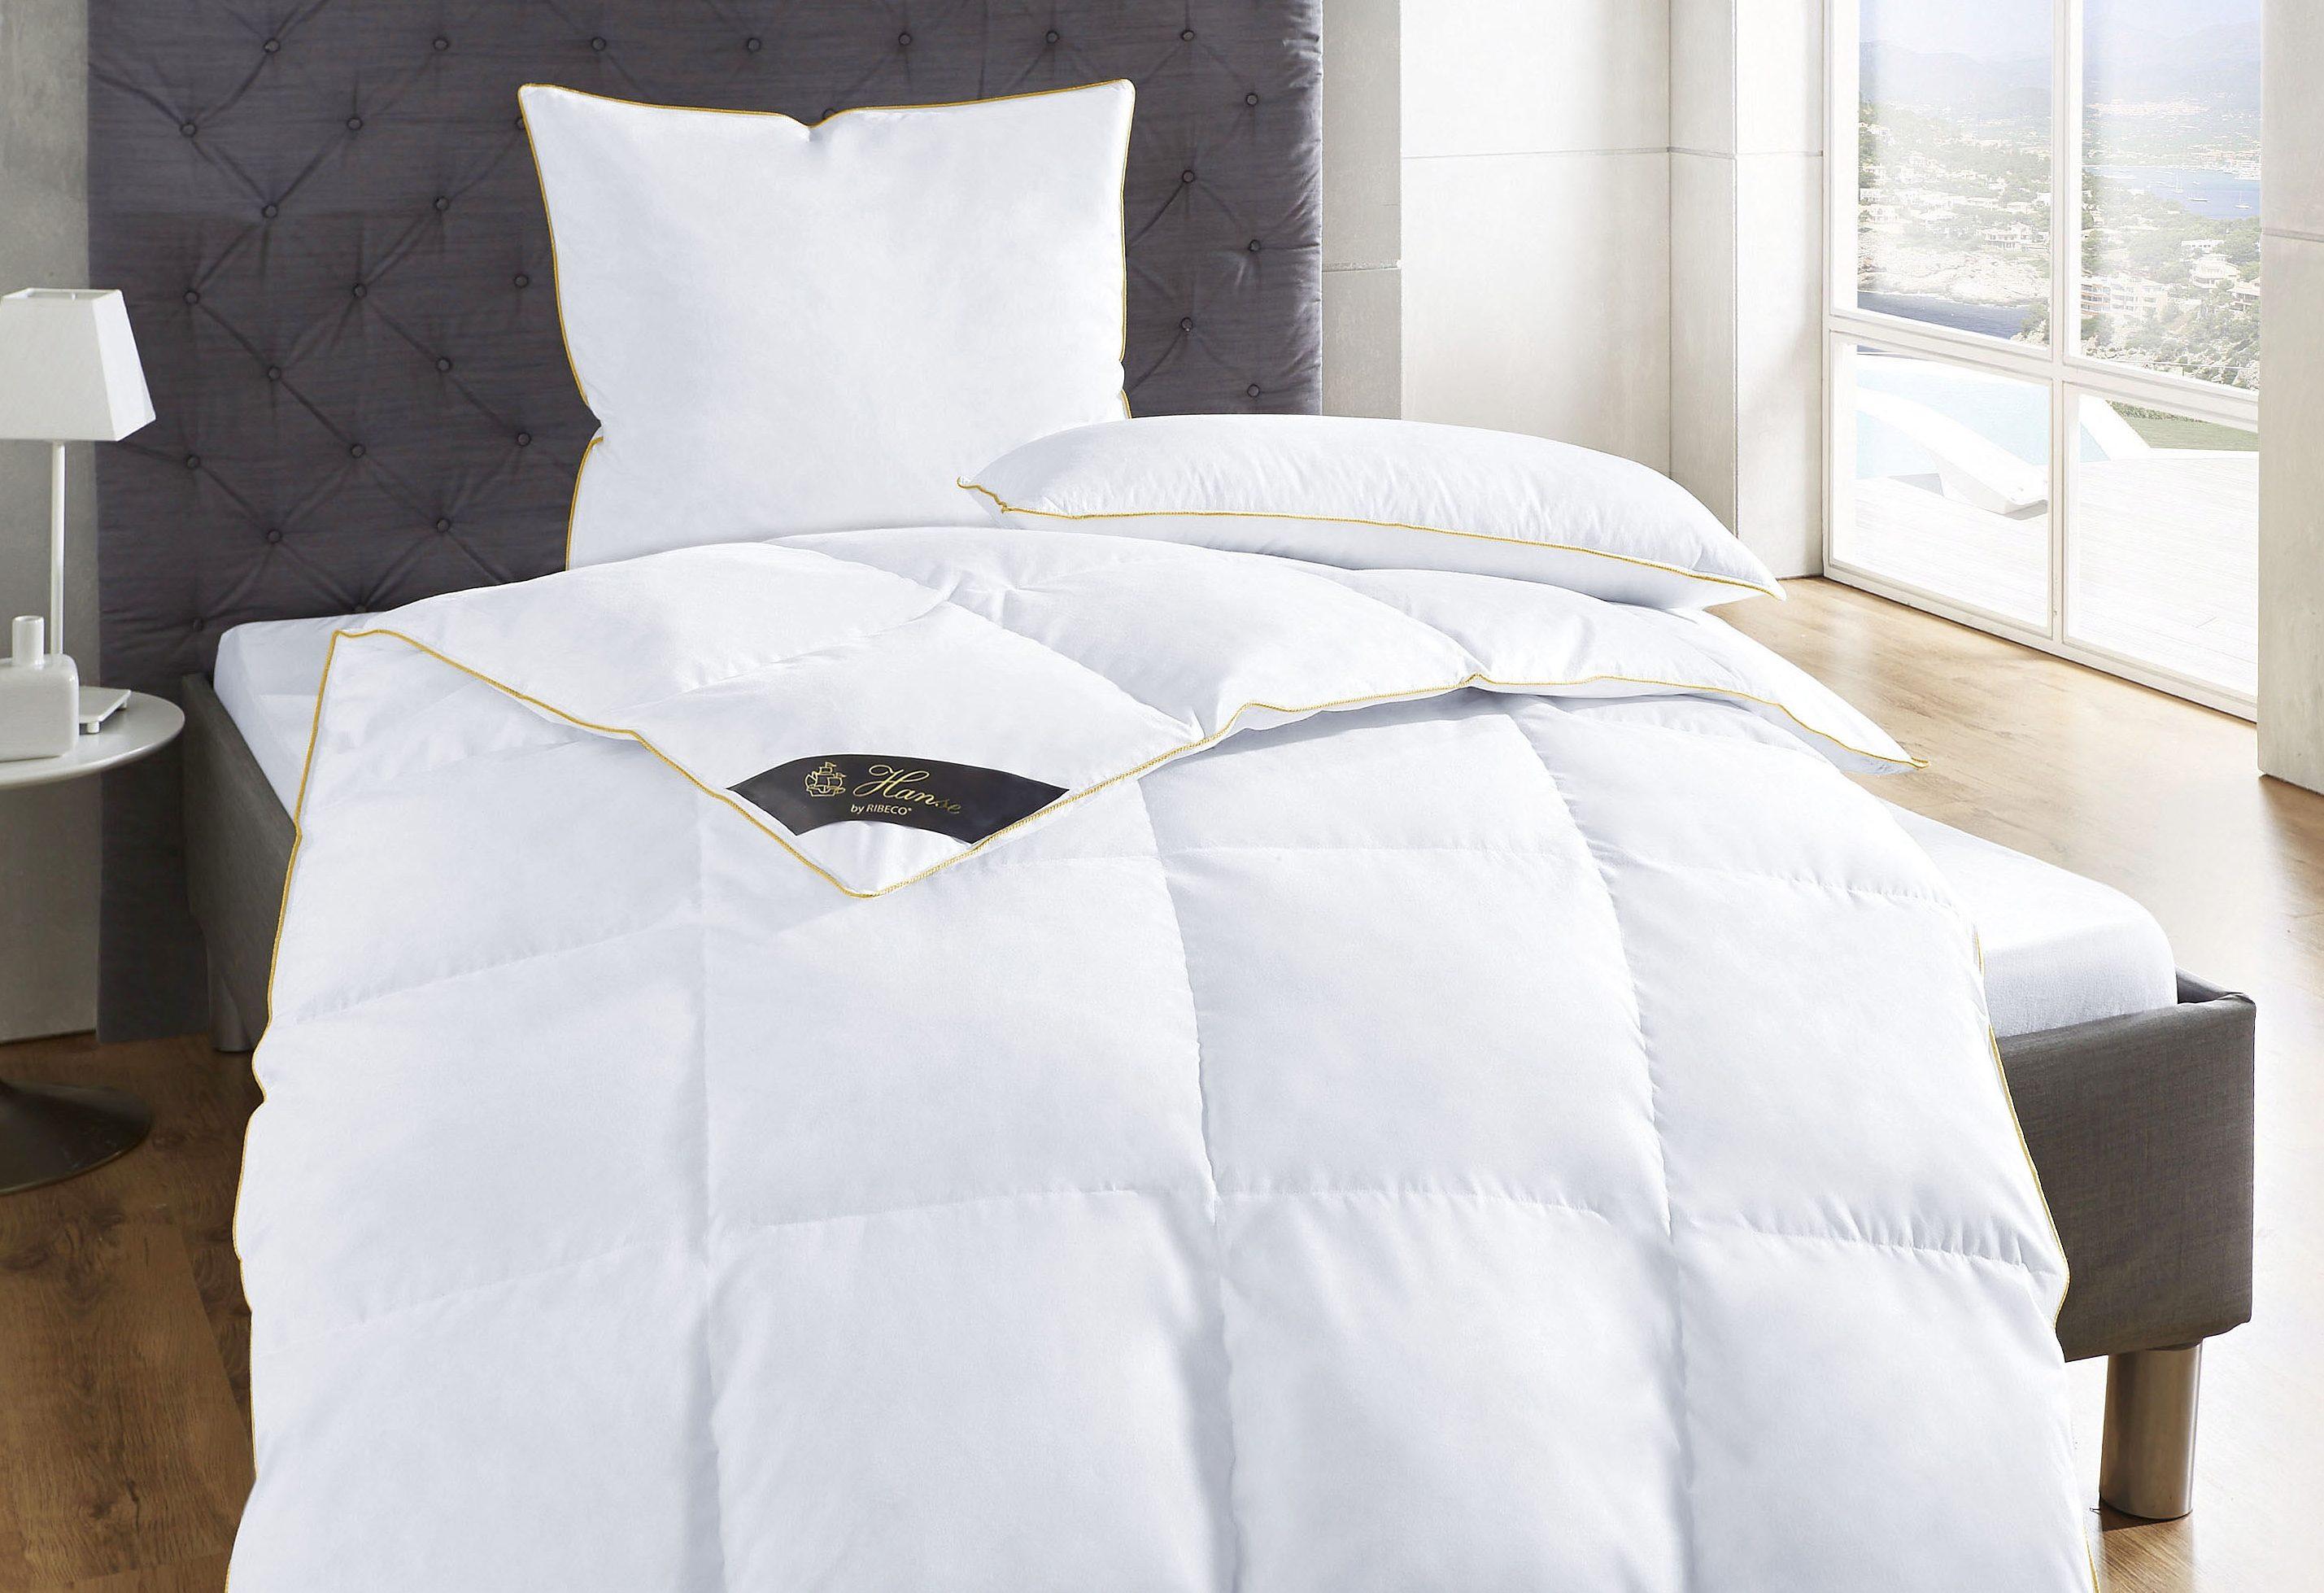 Daunenbettdecke Lena Hanse by RIBECO warm Füllung: 90% Daunen 10% Federn Bezug: 100% Baumwolle